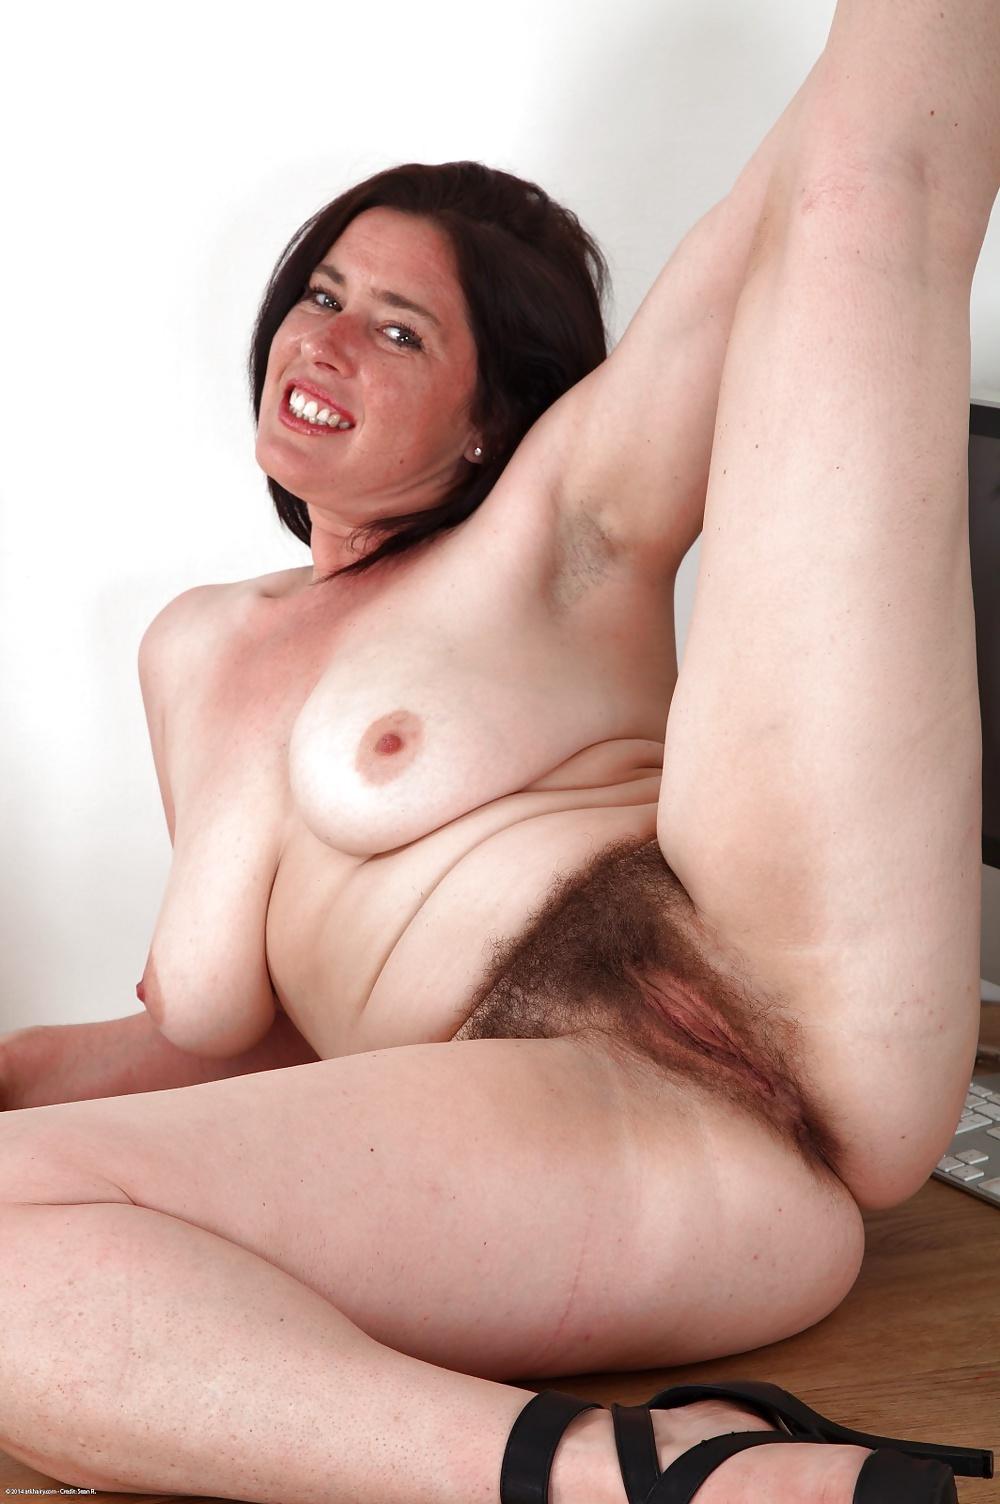 Голые волосатые мамки видео hd, смотреть голый женский сексуальный реслинг